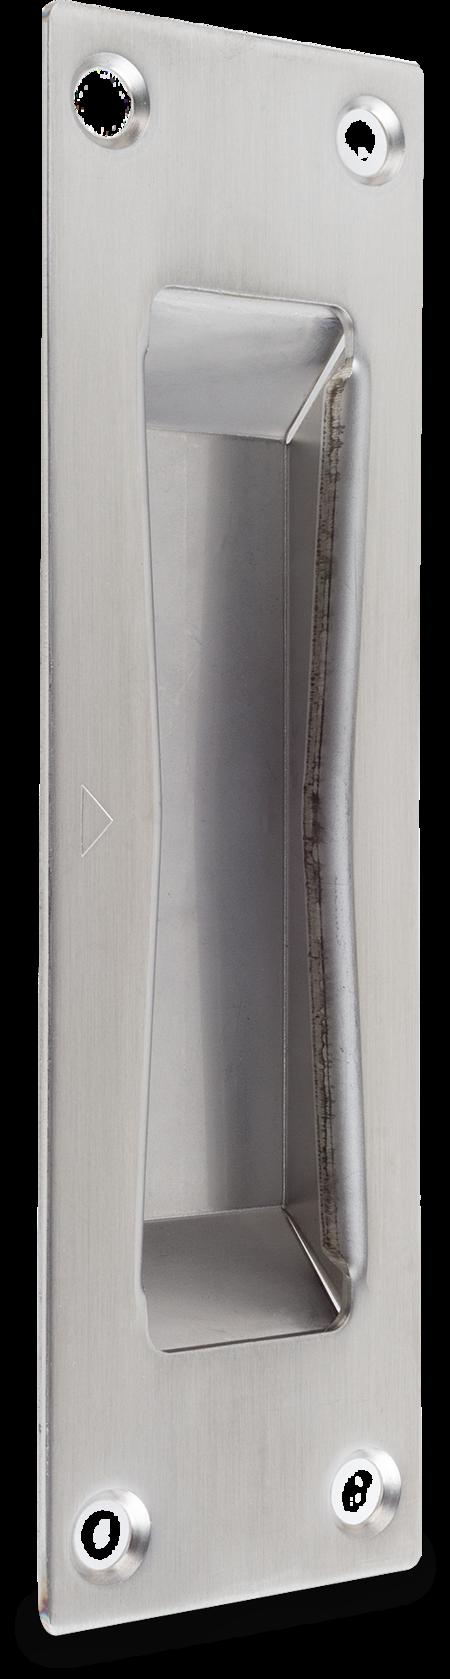 Schließblech Edelstahl, blank, rechts und links verwendbar, mit Kasten, für Einsteck-Schnecken-Schloß